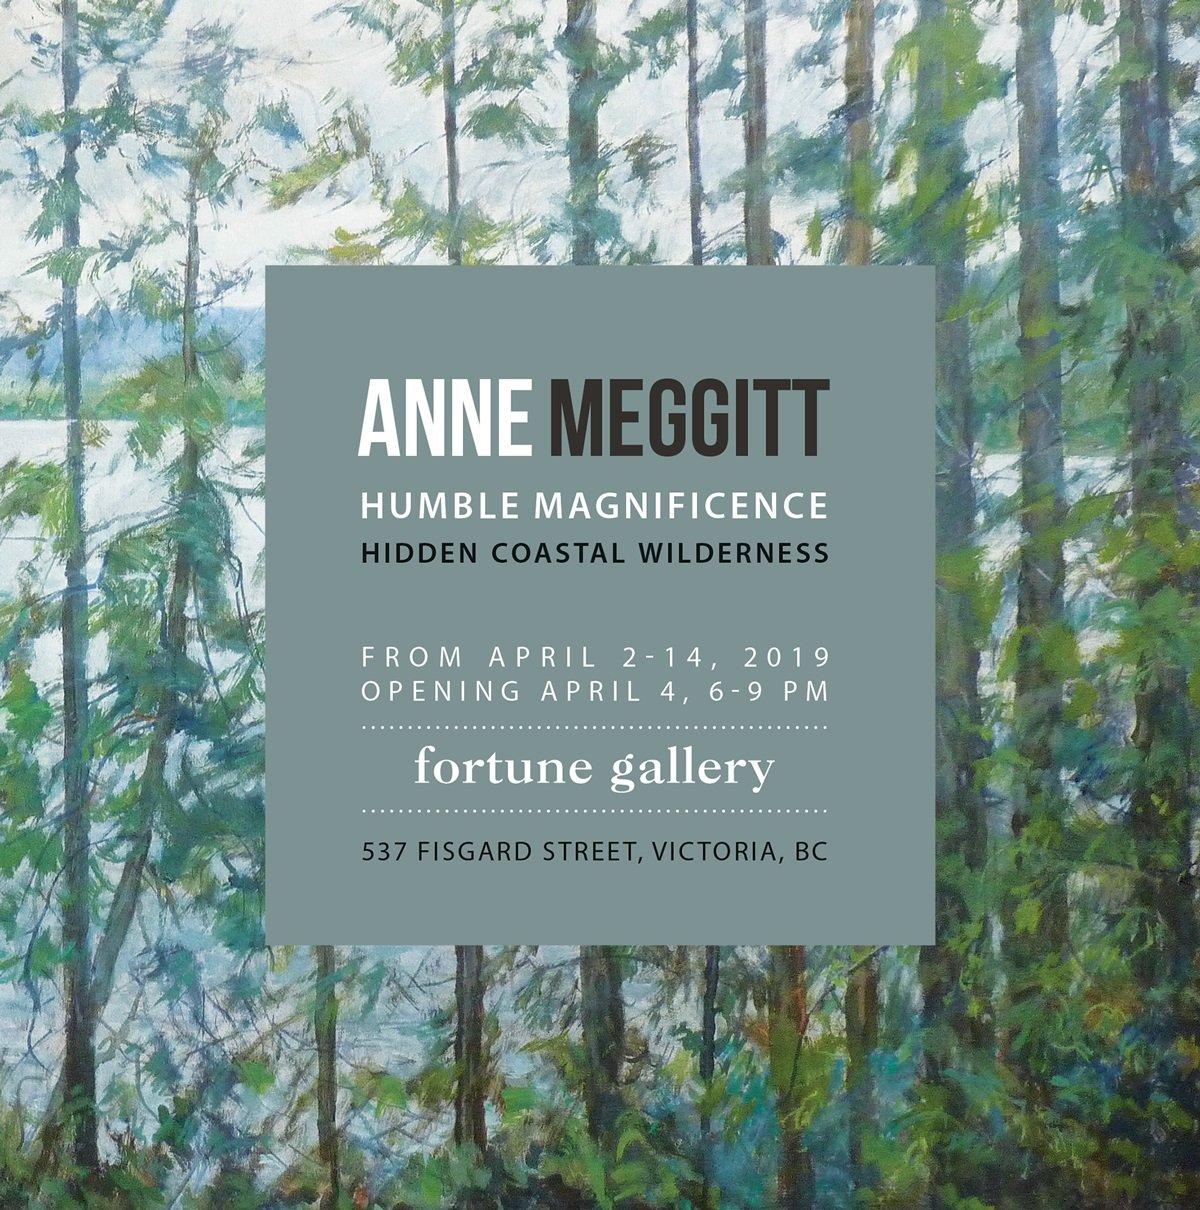 Humble Magnificence -ANNE MEGGITT - April 2 - 14th 2019